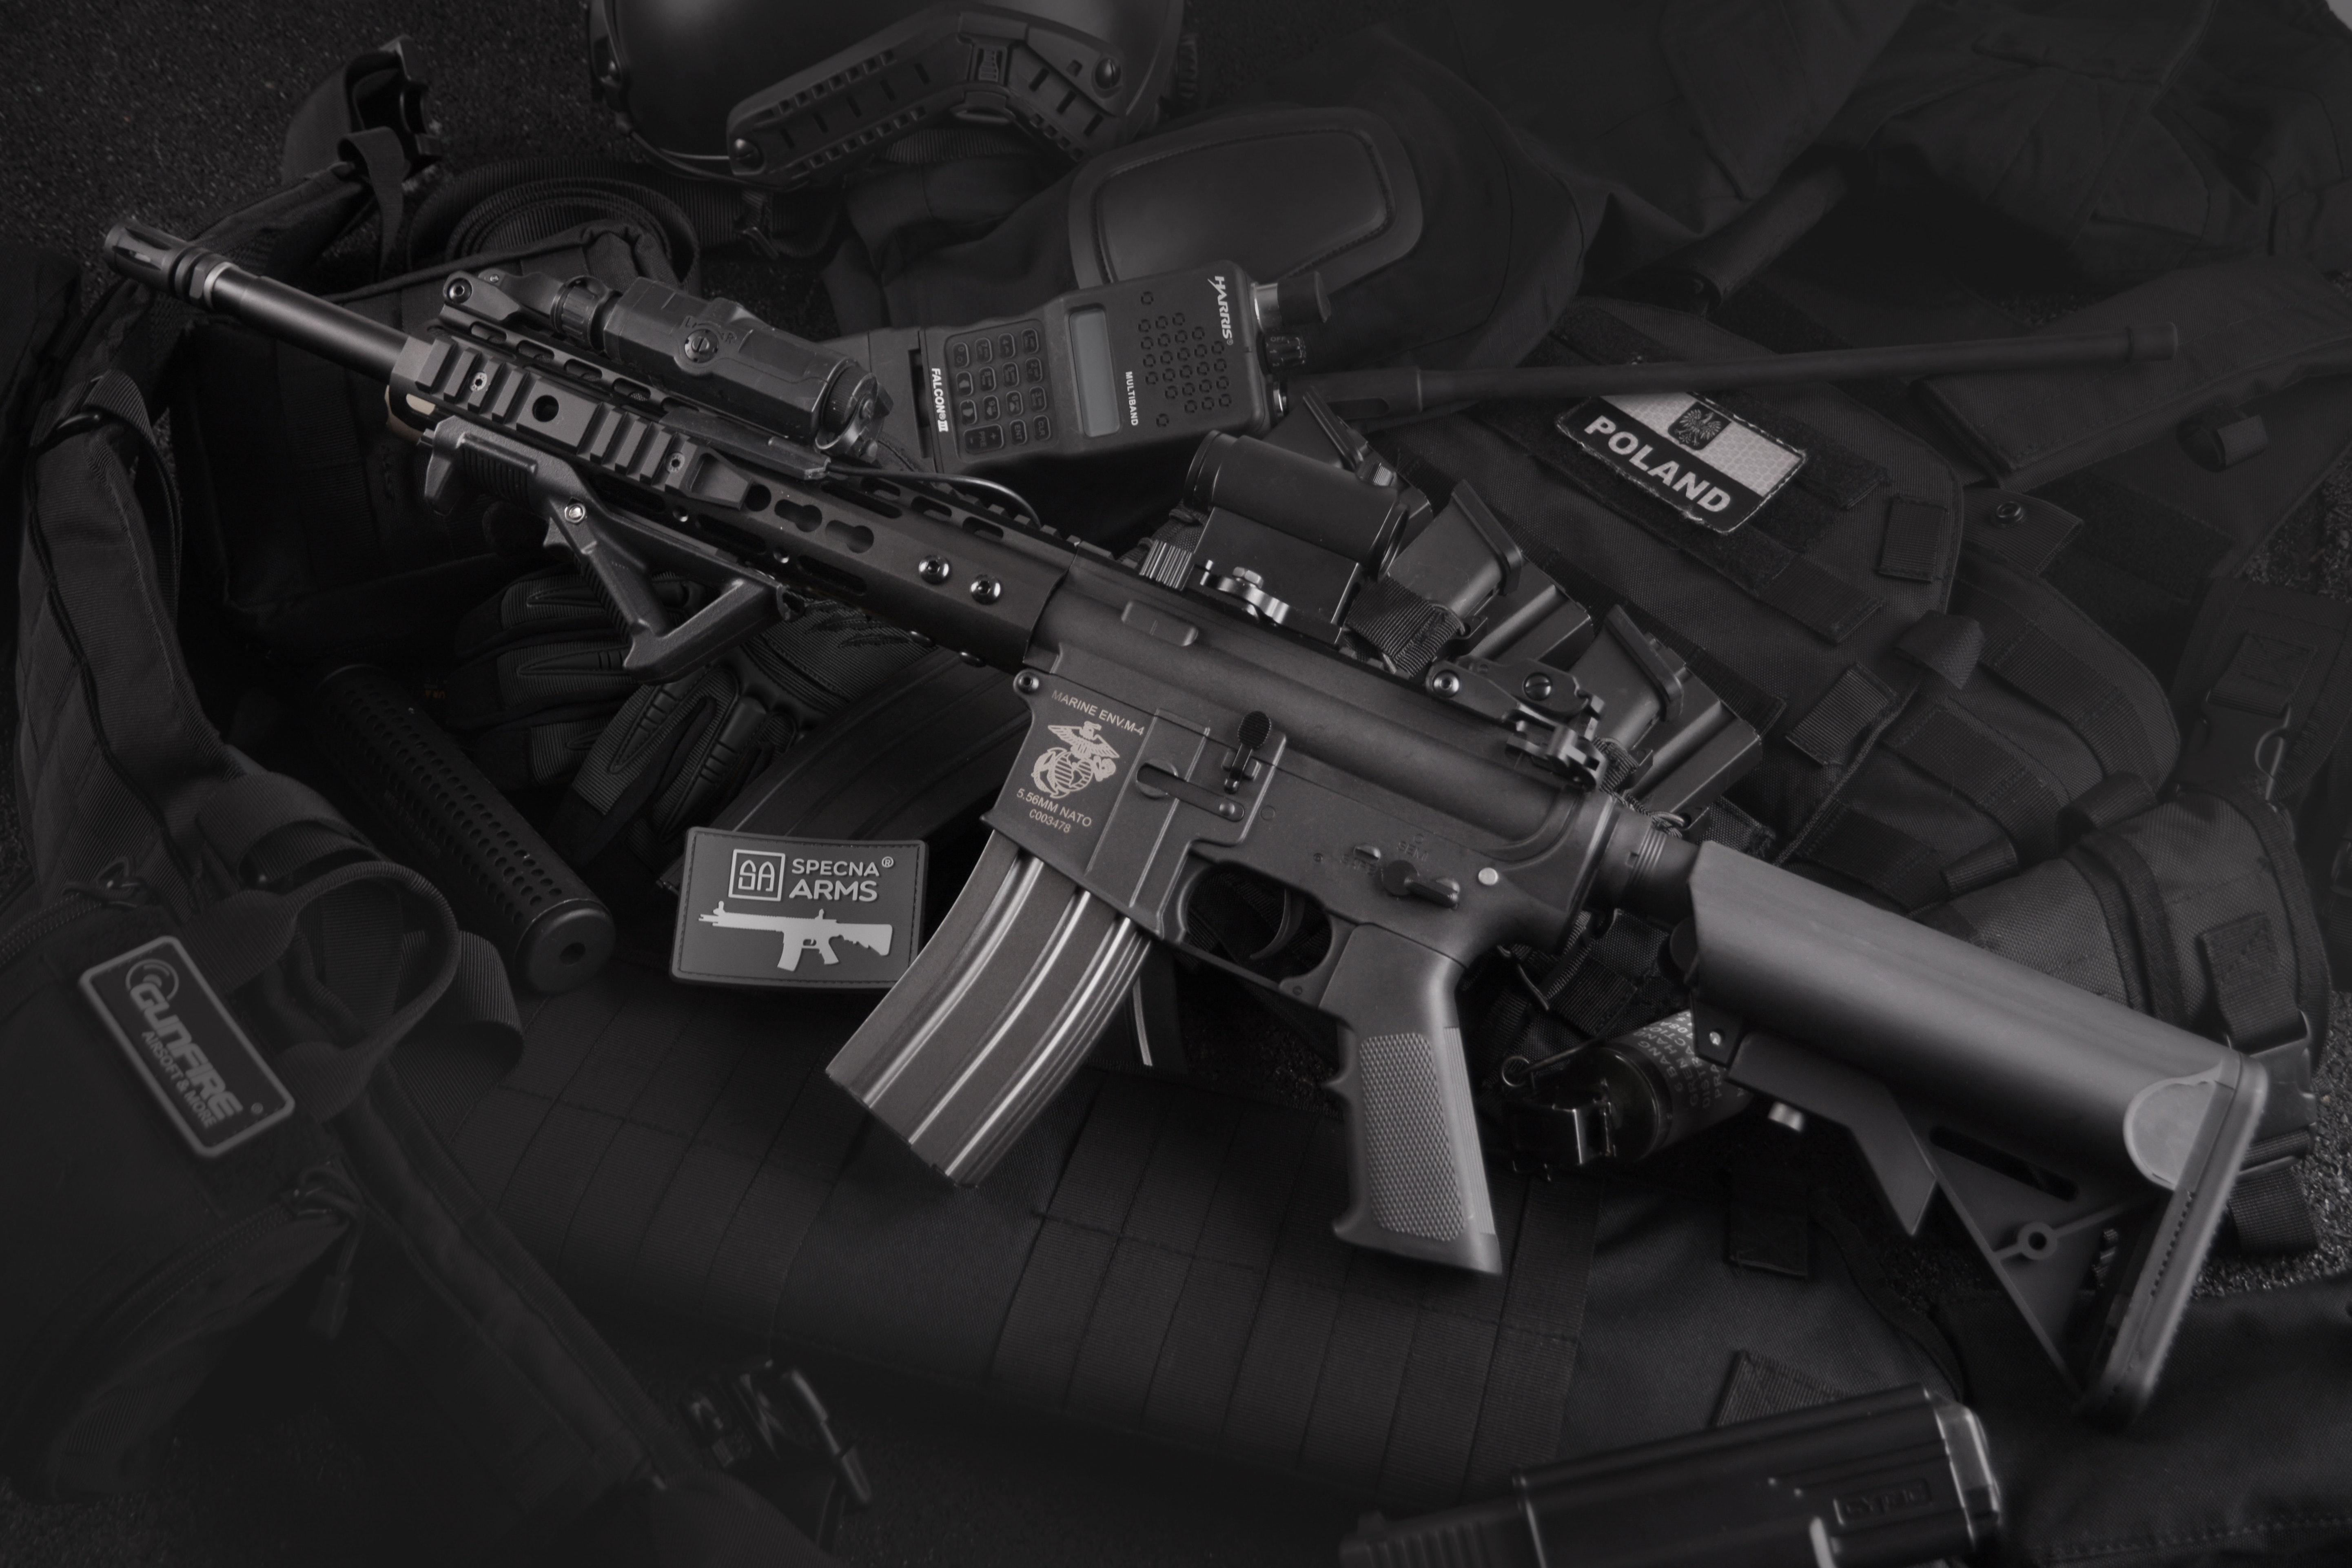 Estos son los países donde se protege el derecho a portar armas desde la constitución